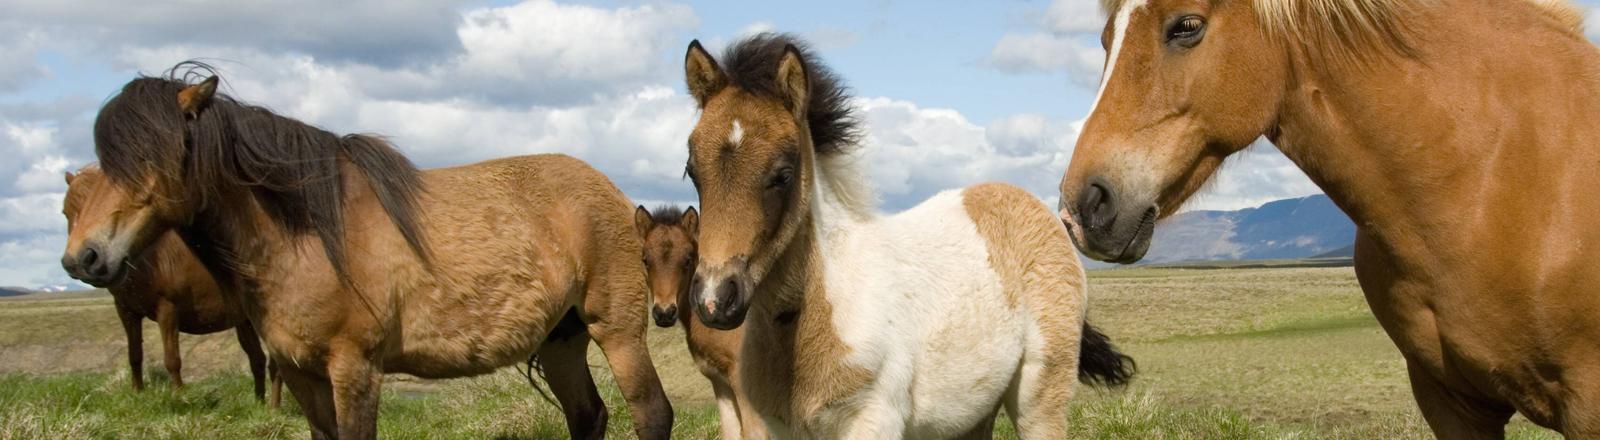 Islandpferde und ein Fohlen auf Island